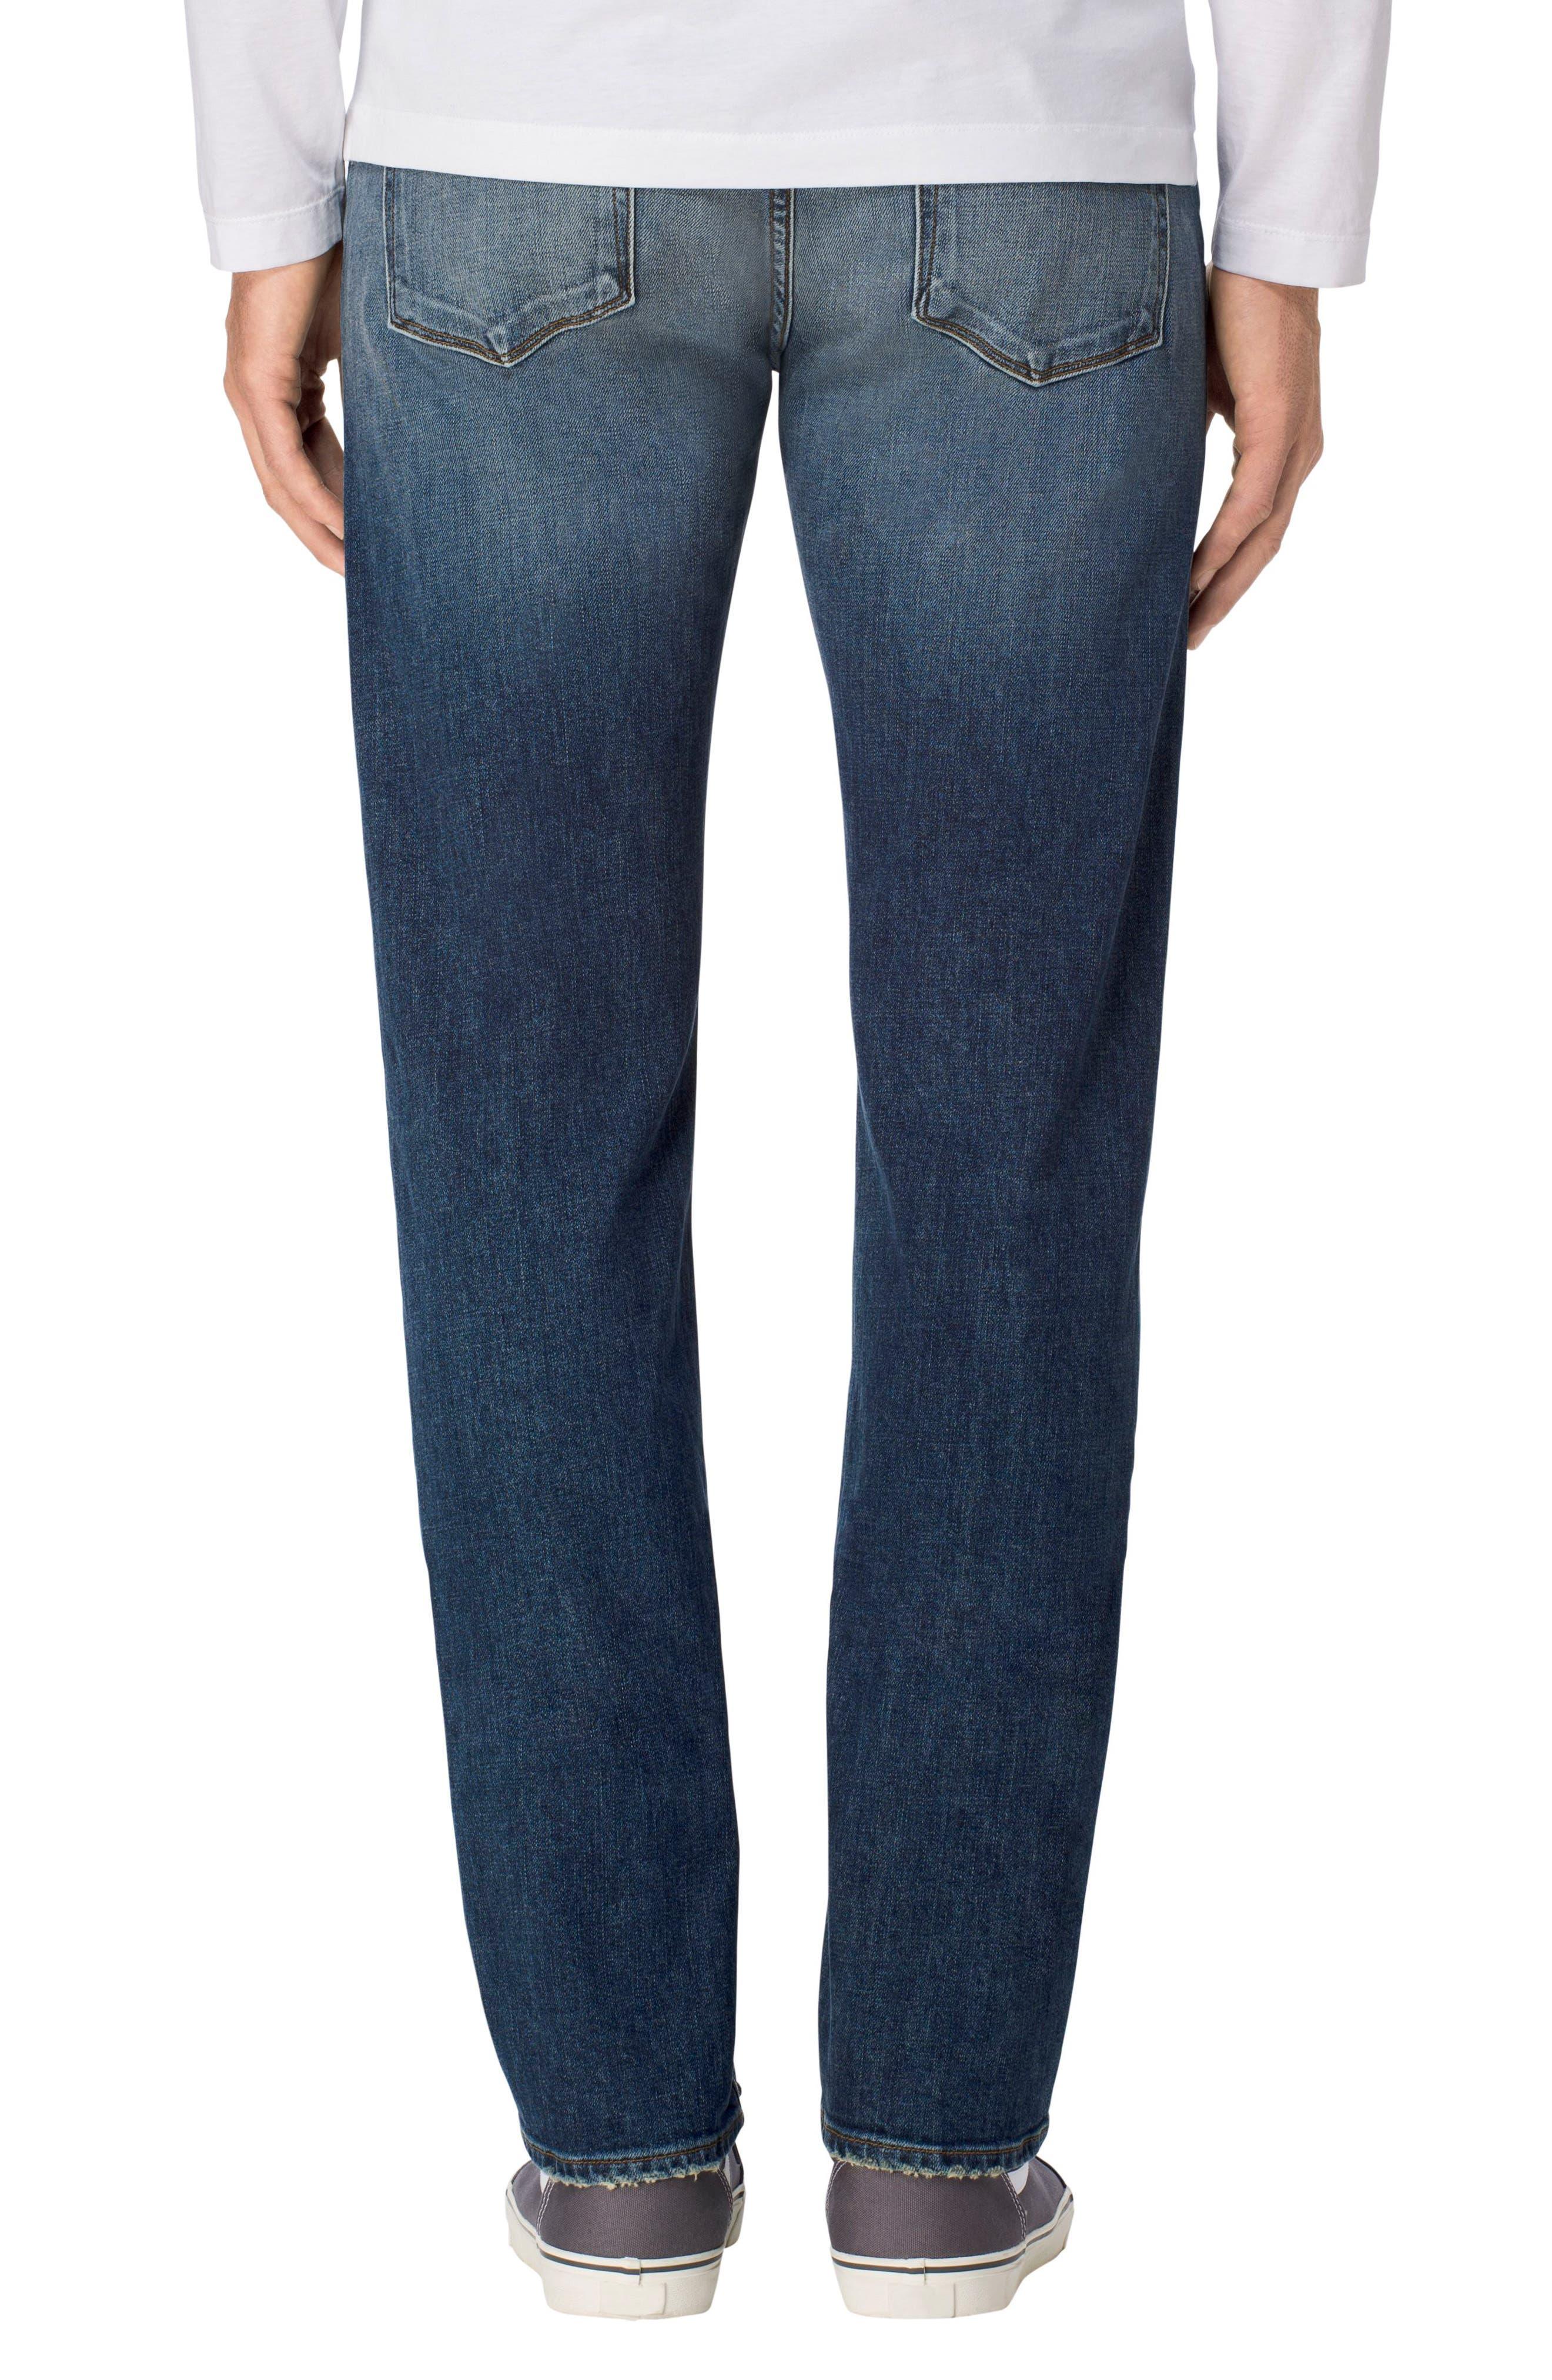 Kane Slim Straight Leg Jeans,                             Alternate thumbnail 2, color,                             422